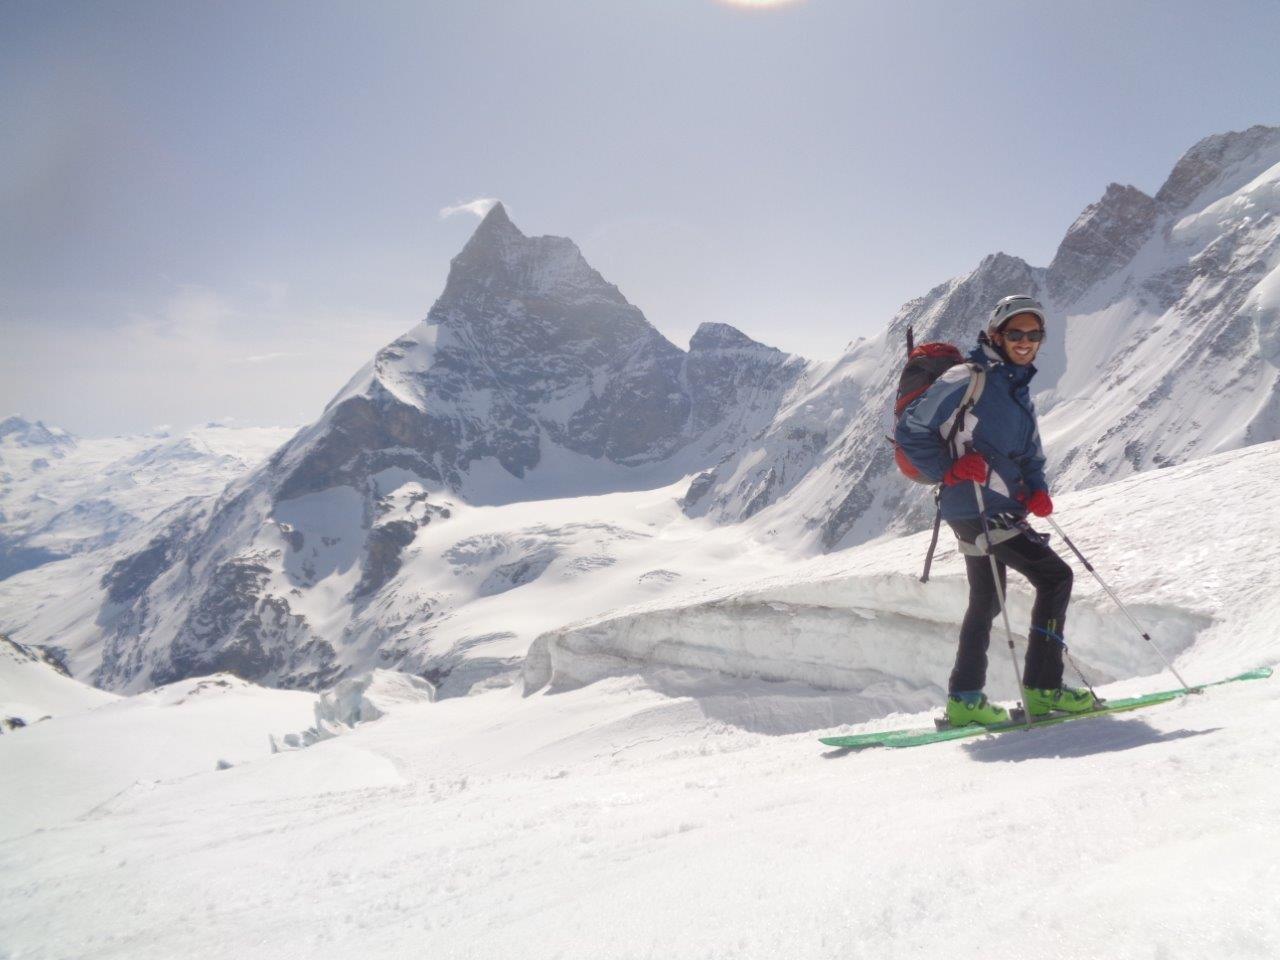 si cala verso Zermatt in un ambiente spettacolare